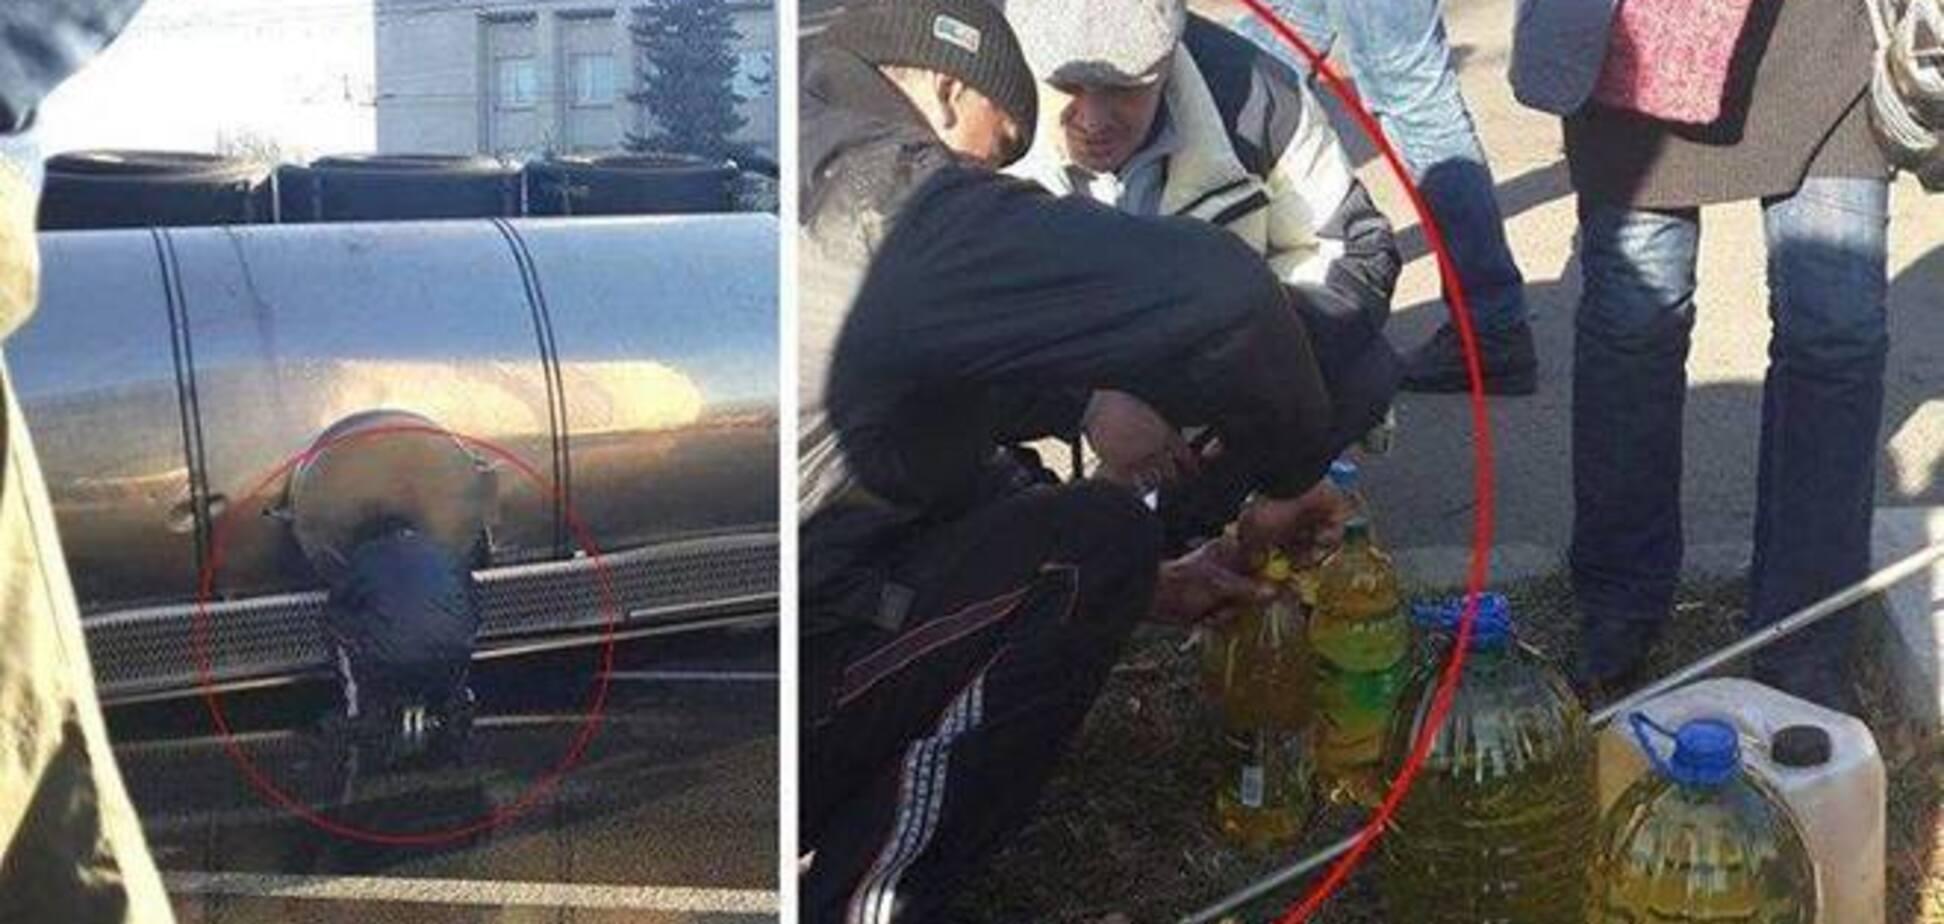 'Любители халявы' прямо на месте аварии в Киеве крадут подсолнечное масло: опубликованы фото